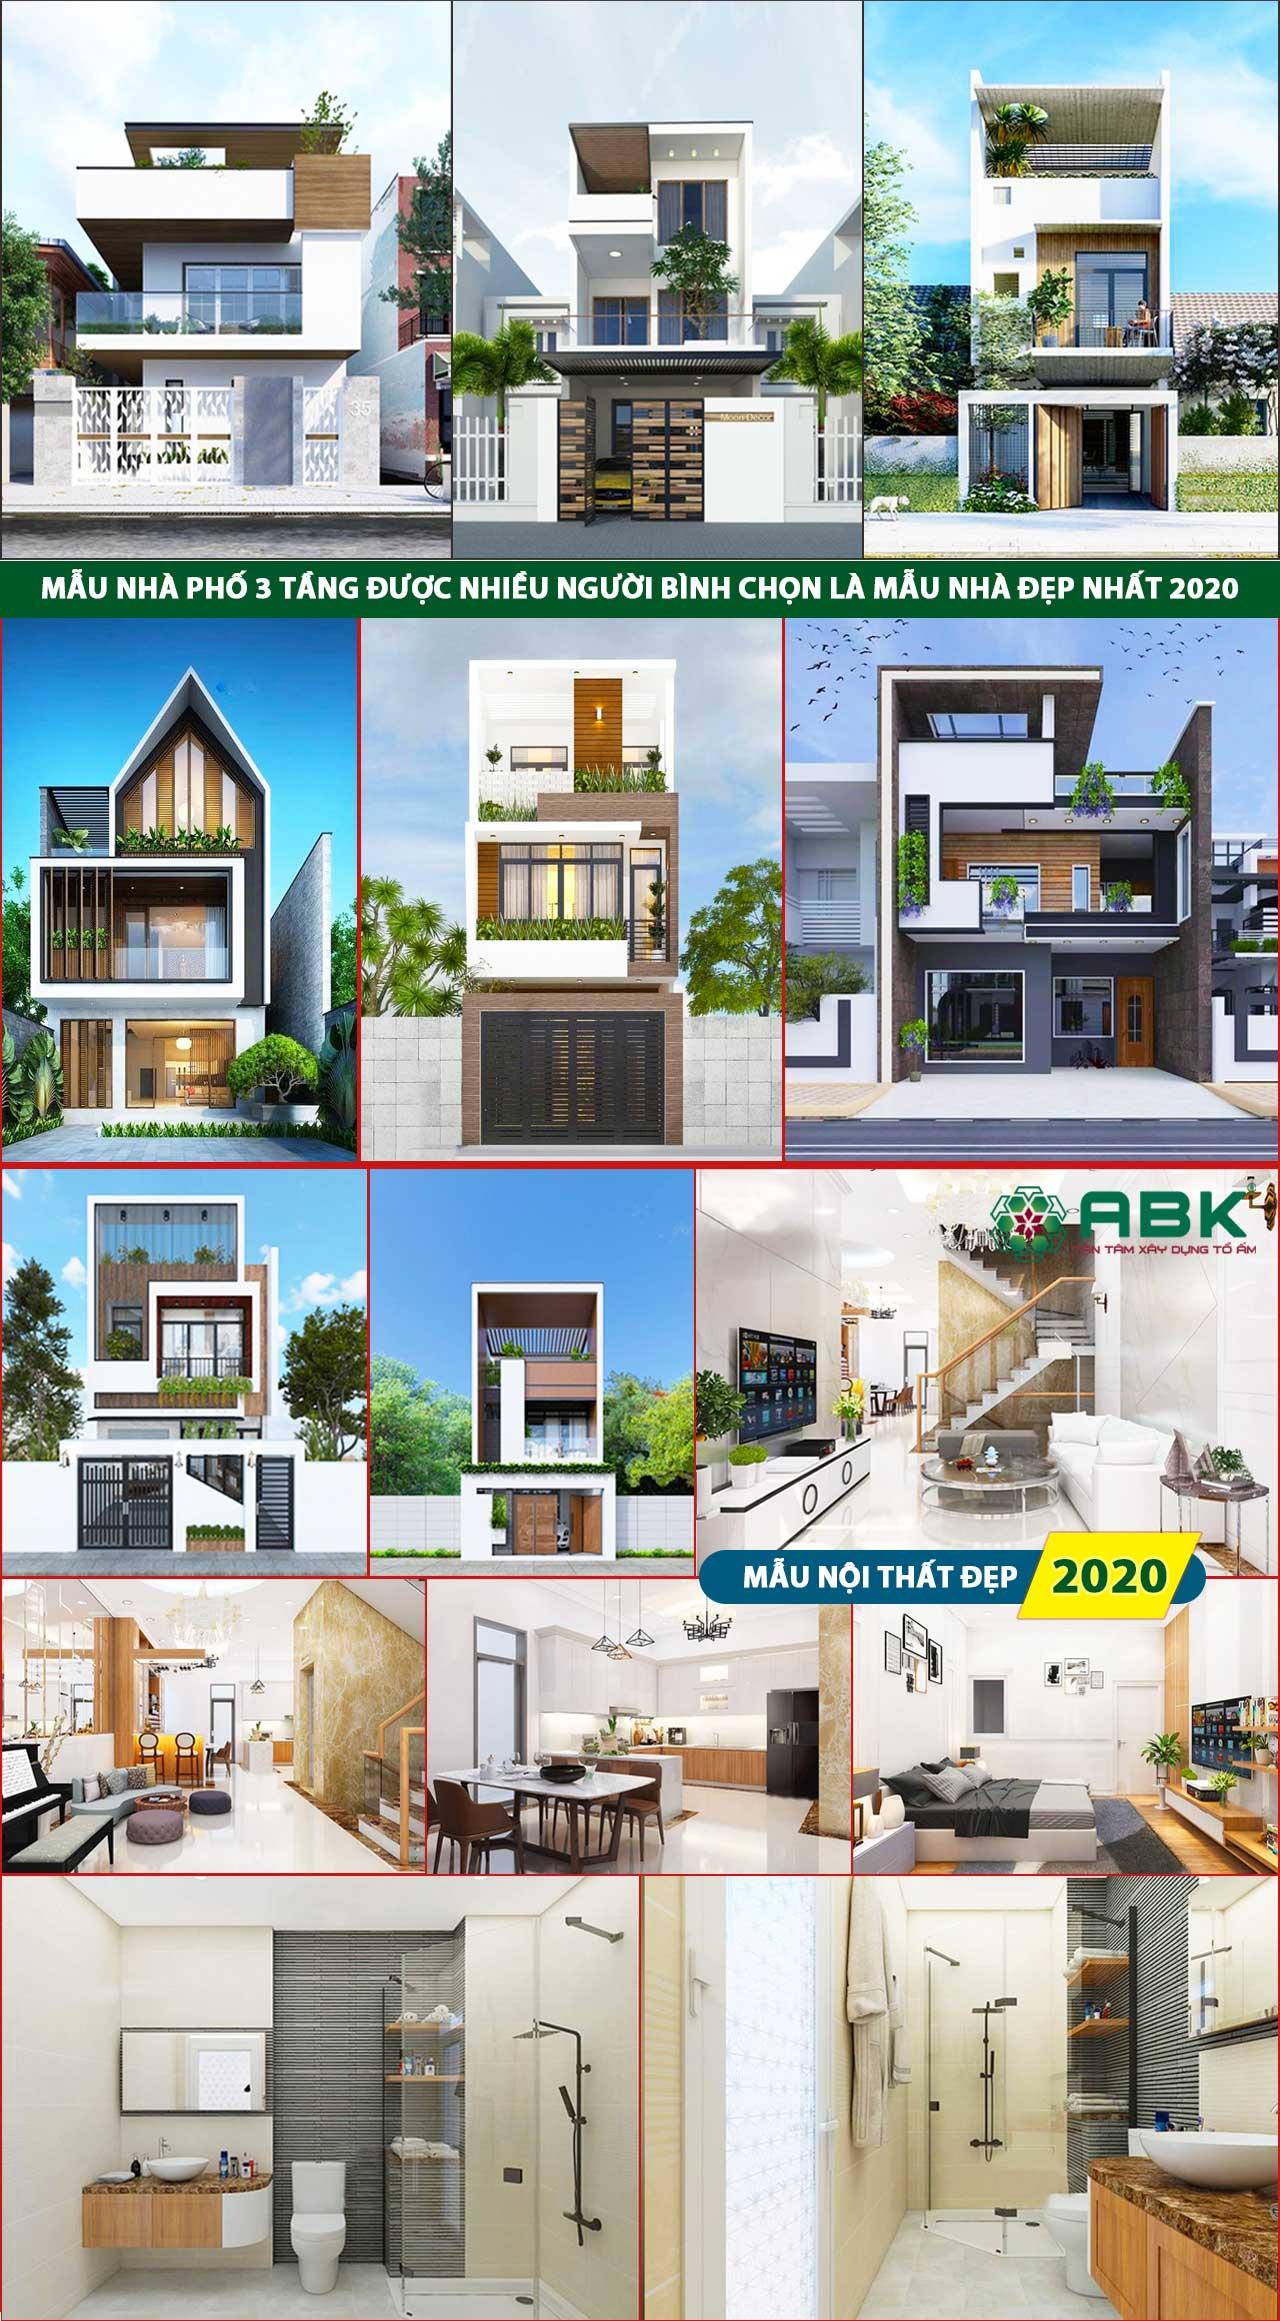 Chi phí xây nhà 3 tầng 110m2